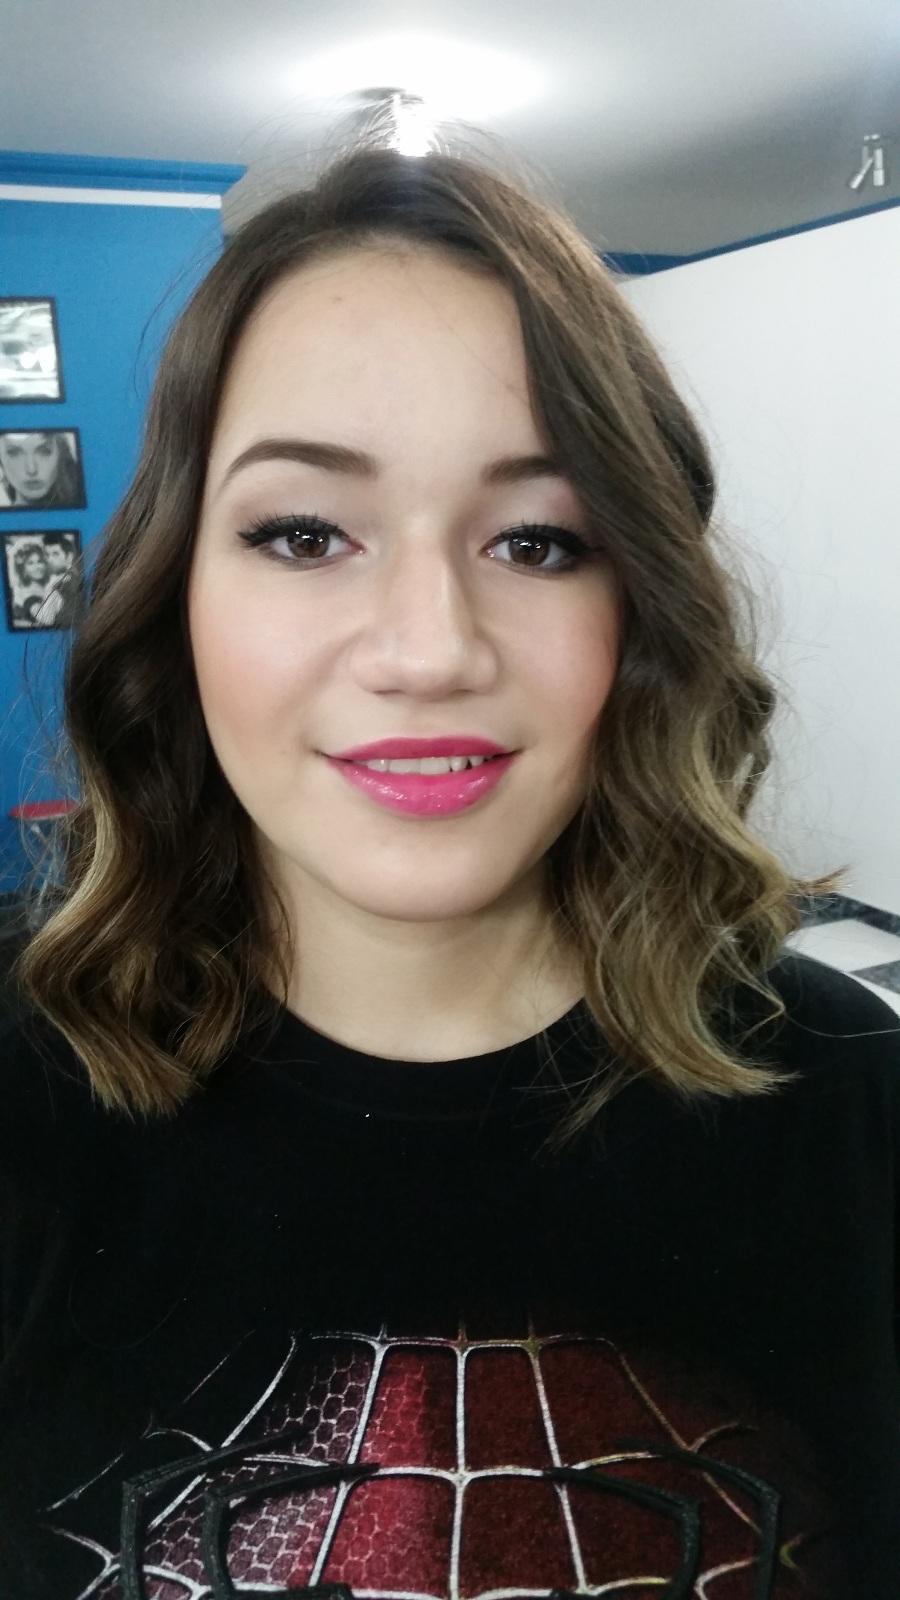 Maquiagem para debutante - Make  delicado.  Veja mais no meu Blog Vaidosas de Batom:  www.vaidosasdebatom.com maquiagem maquiador(a) docente / professor(a)